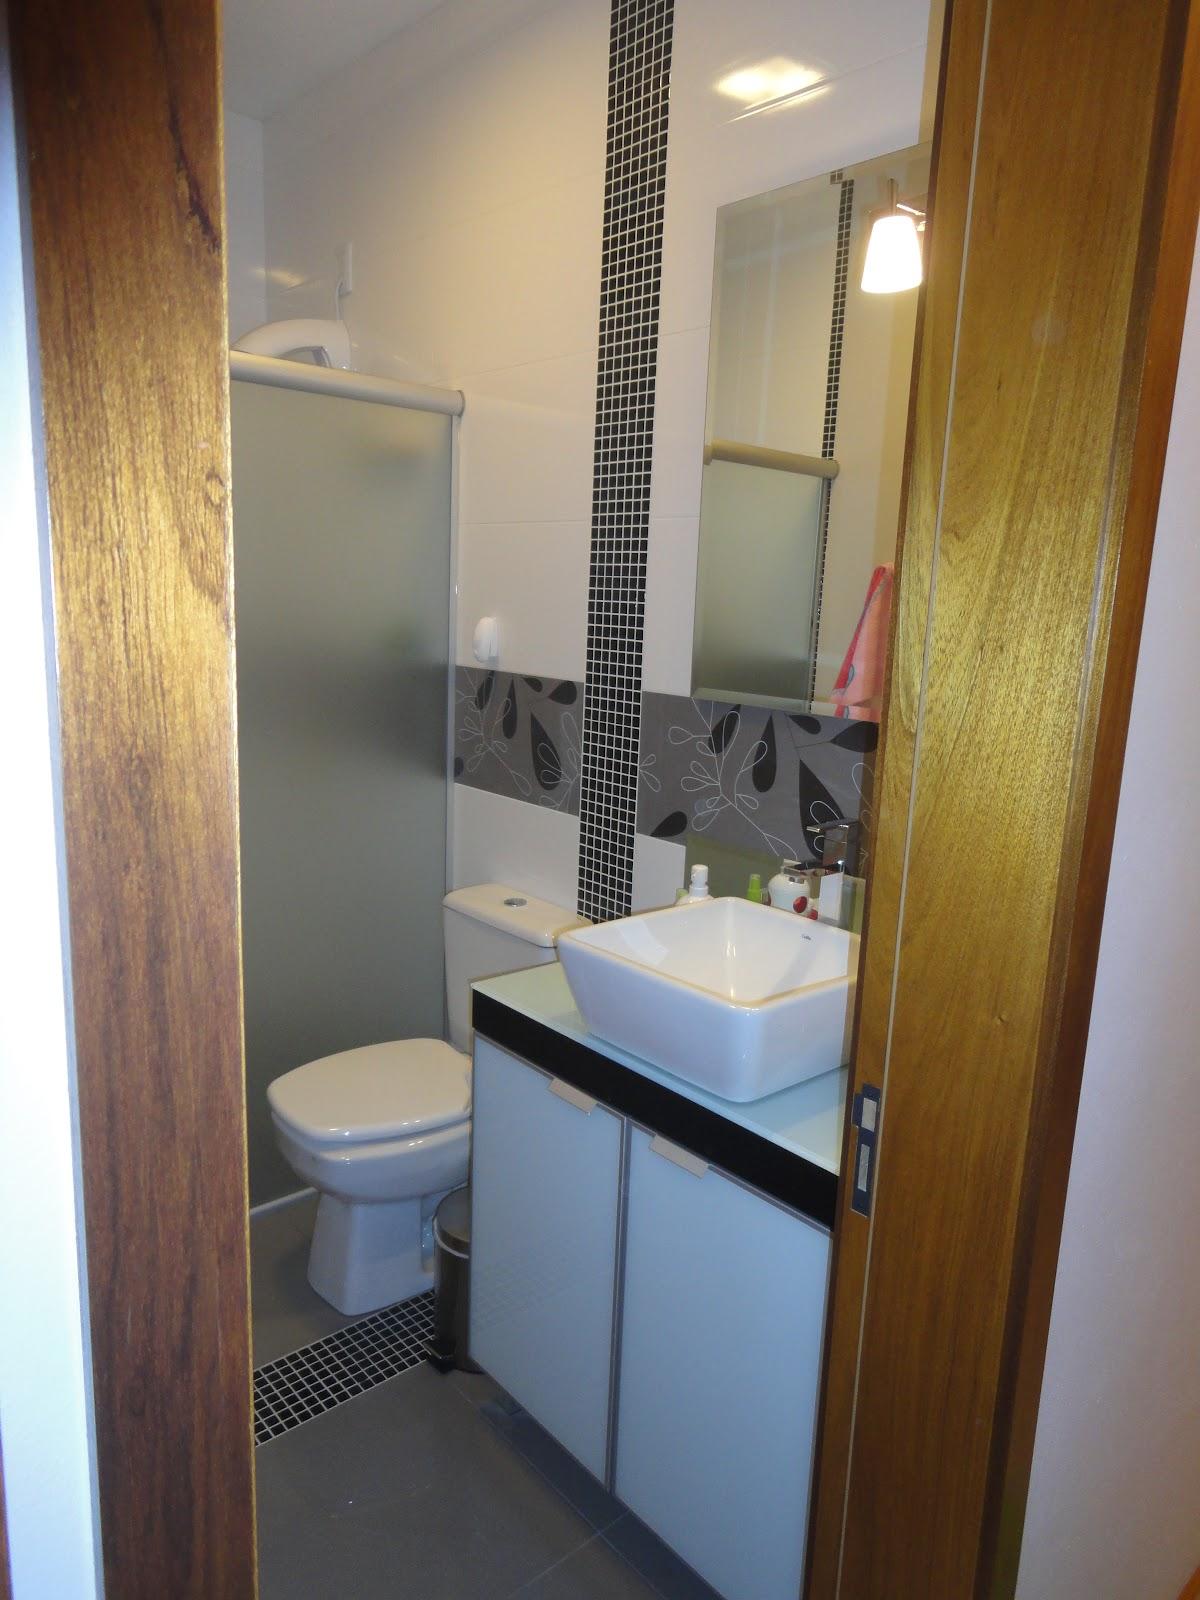 quarta feira 16 de maio de 2012 #684421 1200x1600 Banheiro De Arquiteto